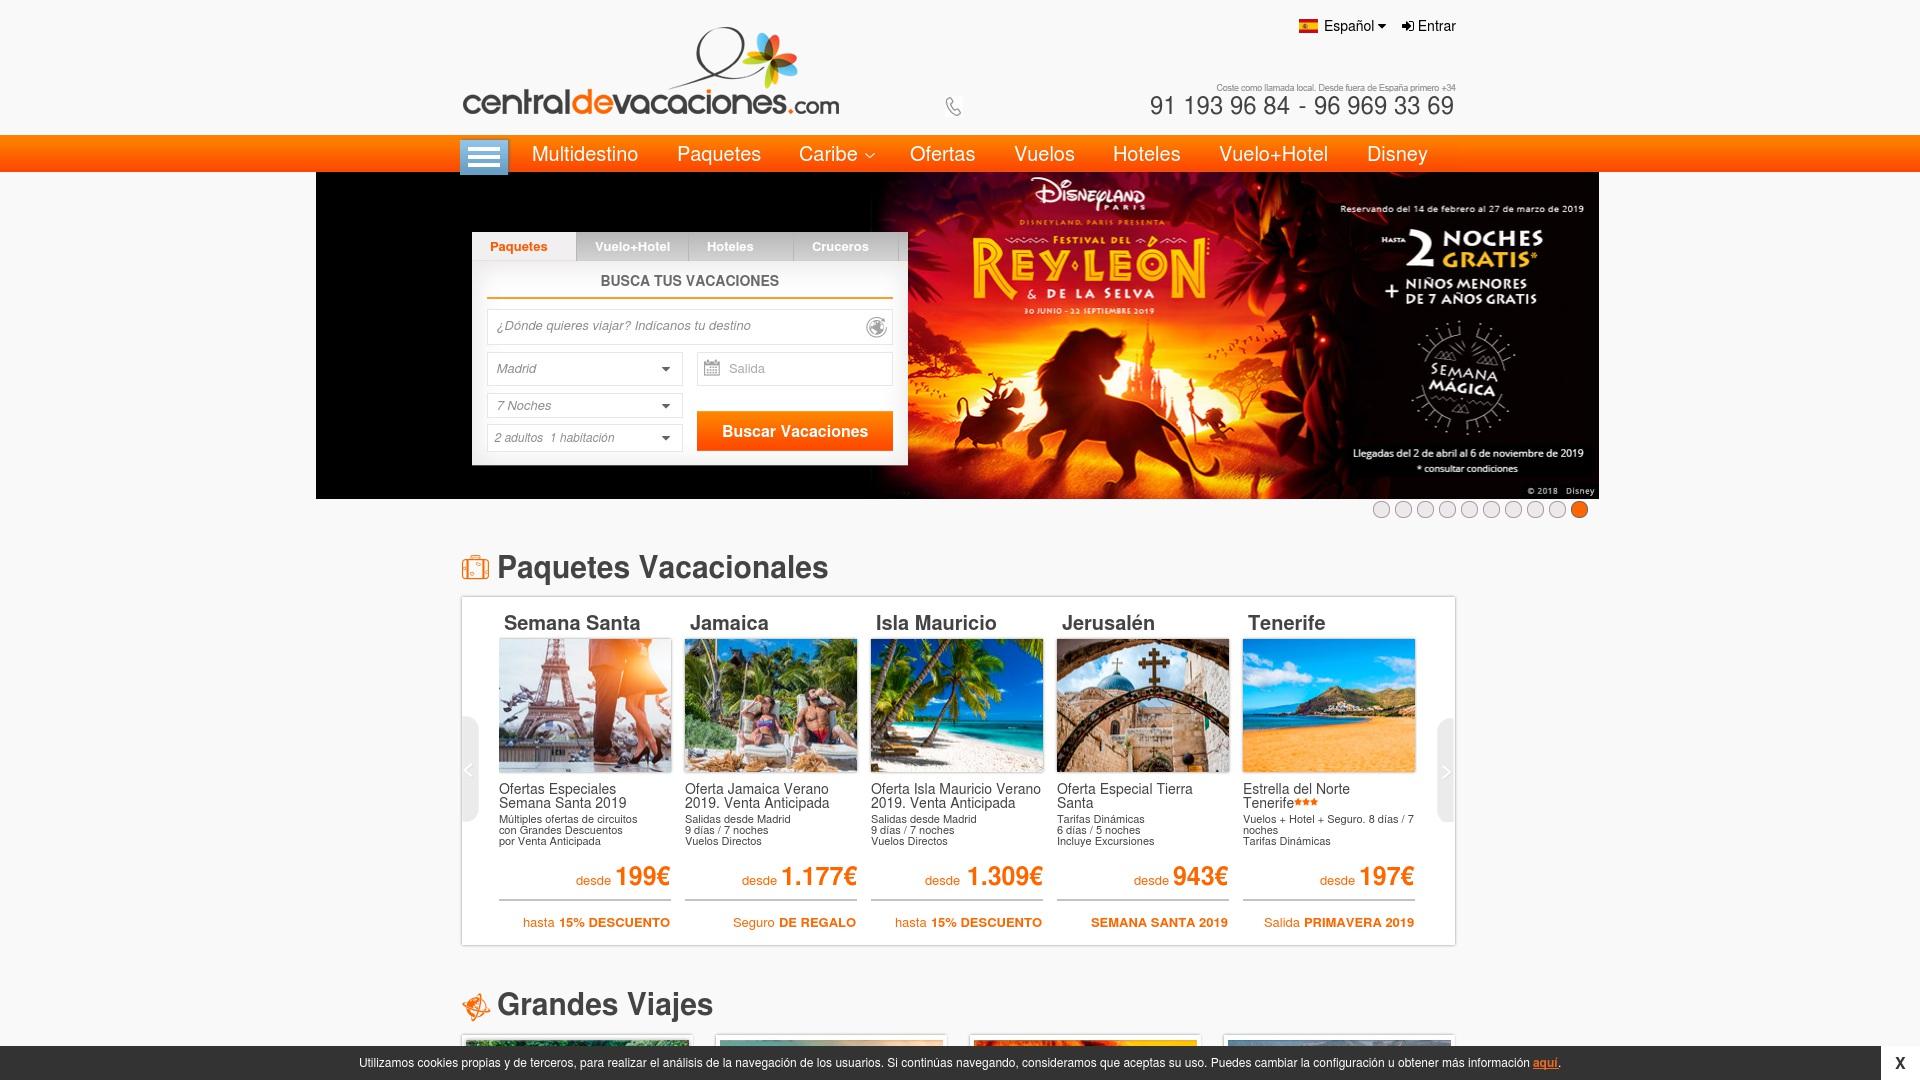 Gutschein für Centraldevacaciones: Rabatte für  Centraldevacaciones sichern